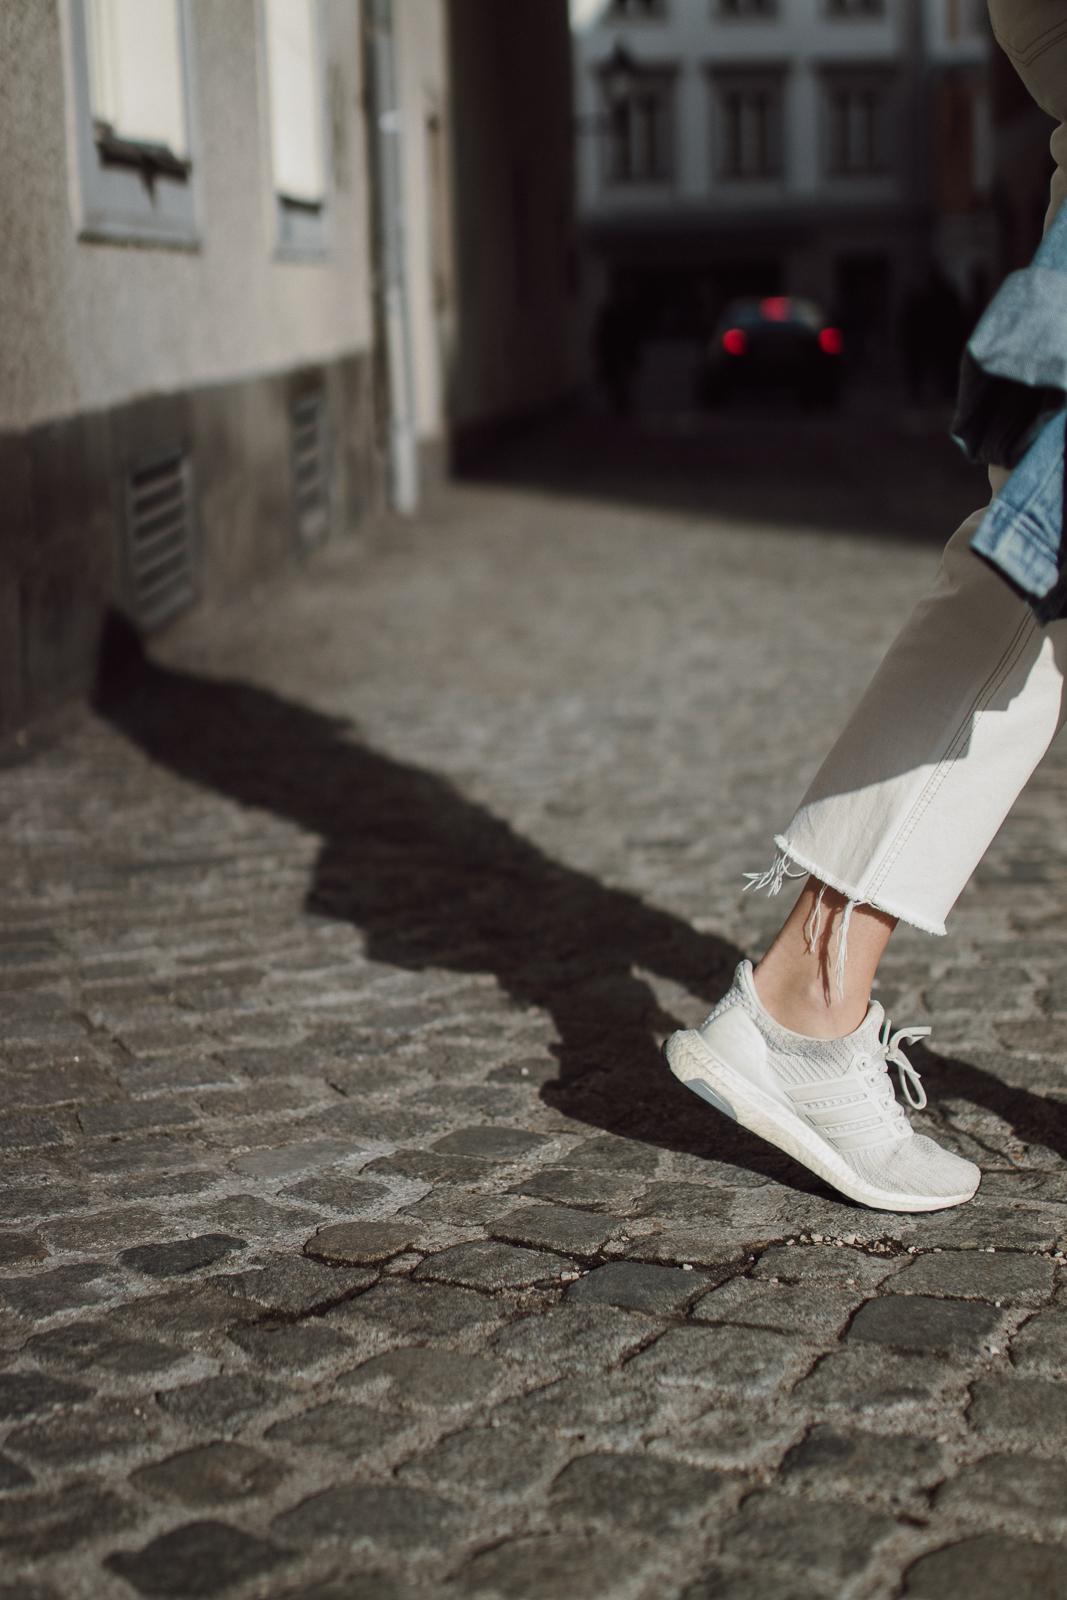 BLOG YOUR STYLE: Sneaker für den Frühling auf dme österreichsichen Lifestyle Blog Bits and Bobs by Eva. Mehr auf www.bitsandbobsbyeva.com